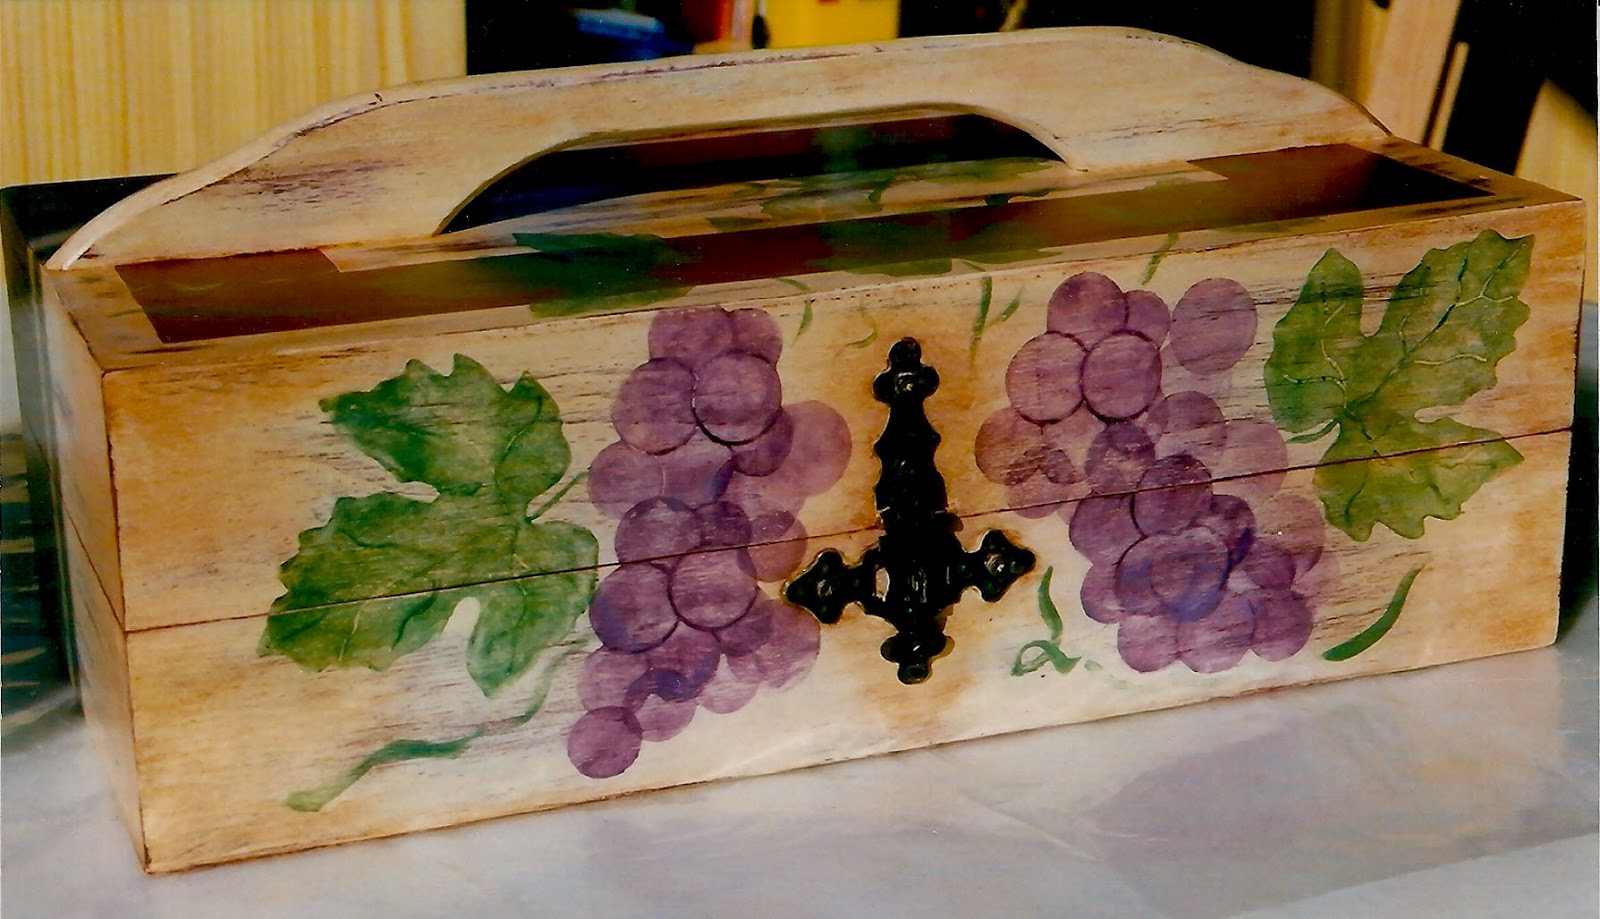 La artesan a de ana decapado matizado y decoraci n con - Artesania y decoracion ...